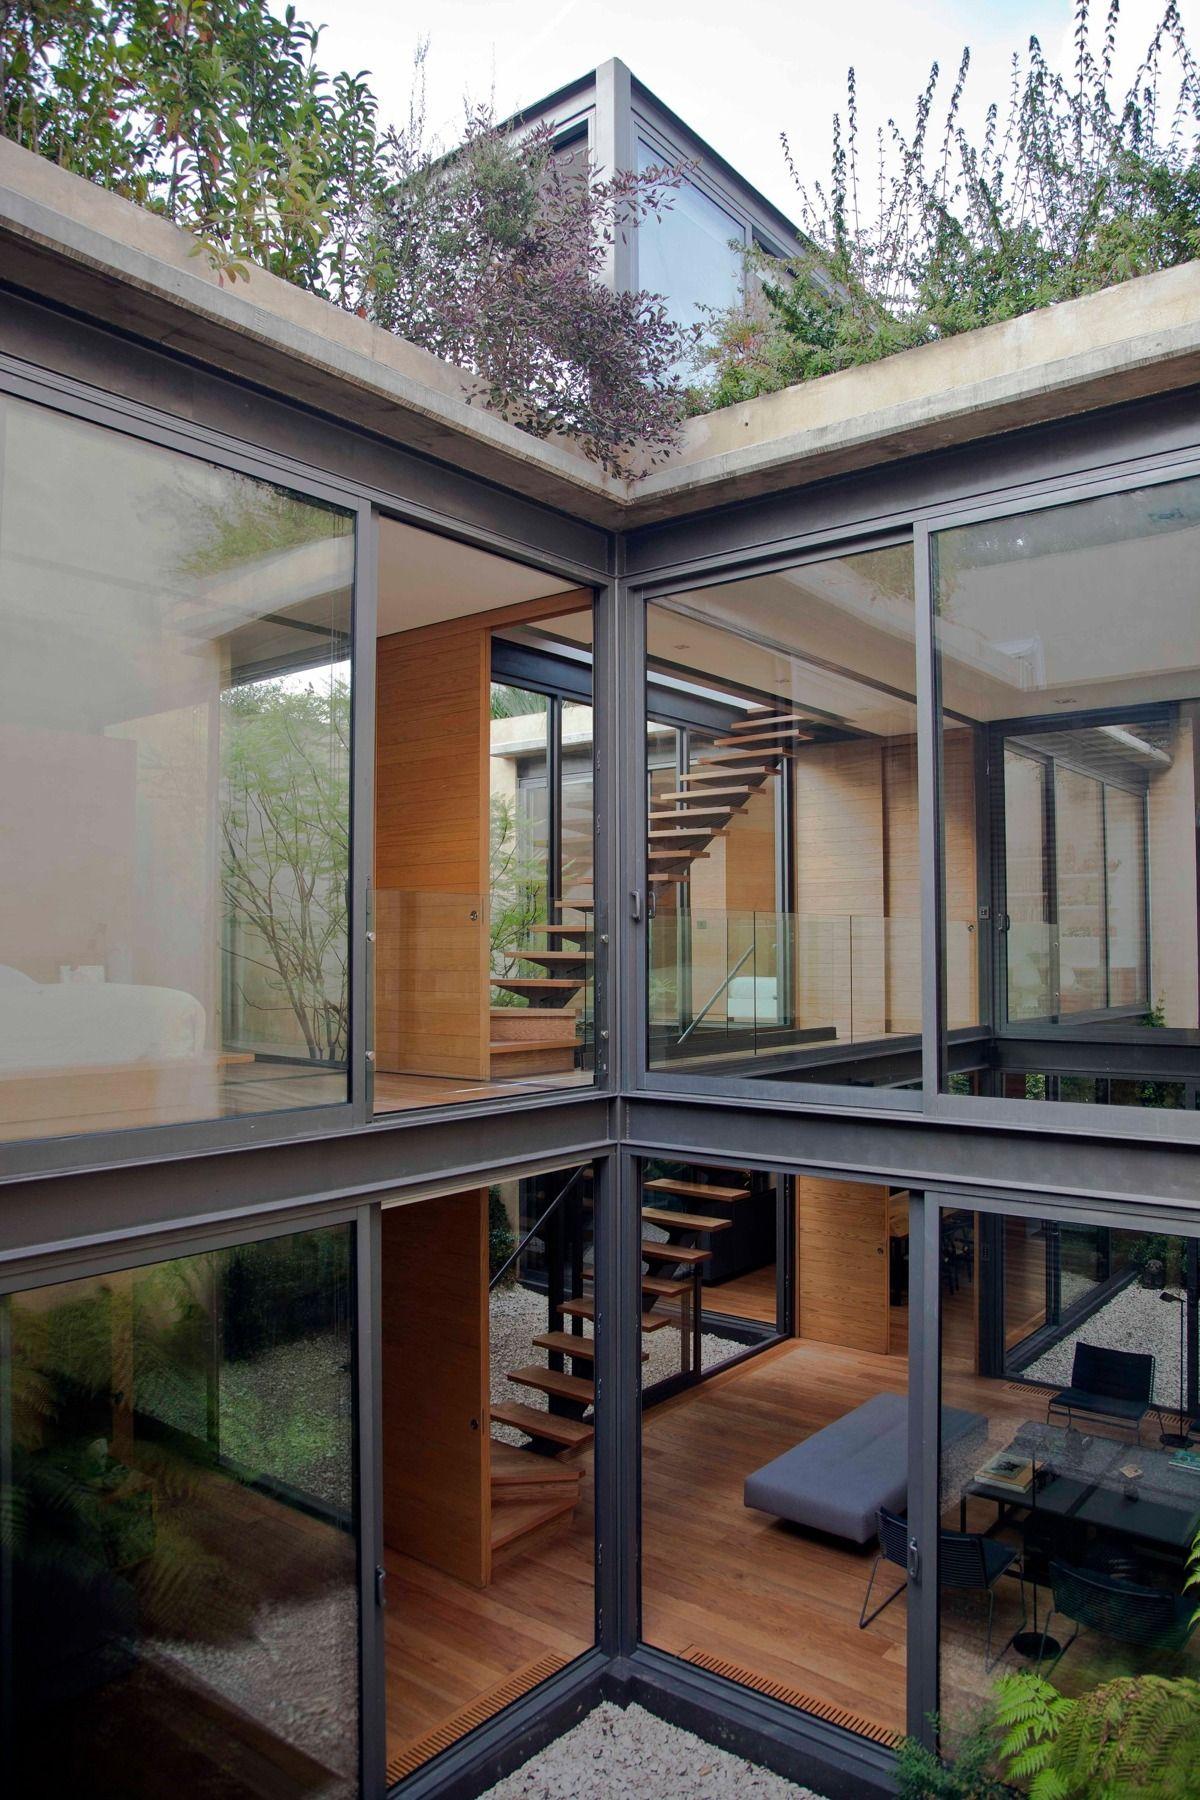 Maison innovante avec 4 jardins modernes en 2018 | Archi maison ...